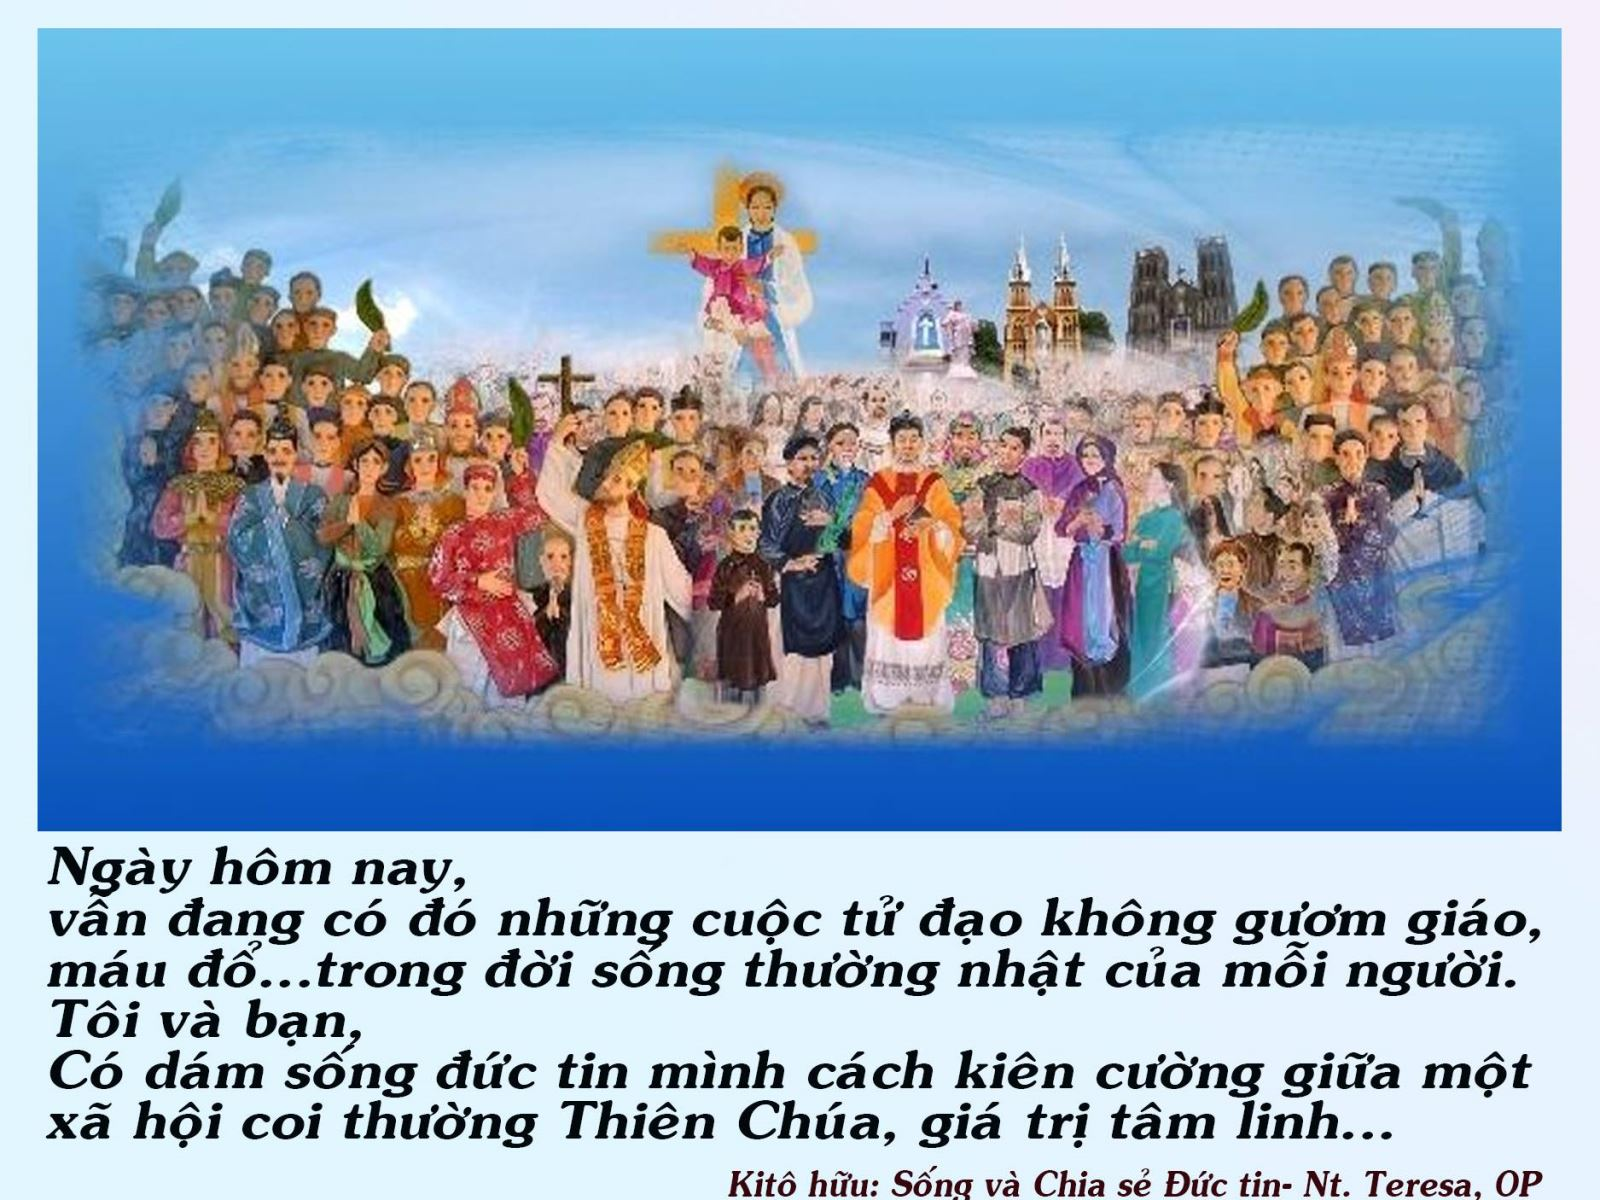 TỬ ĐẠO NGÀY XƯA- TỬ ĐẠO HÔM NAY (Lễ các Thánh Tử Đạo Việt Nam 24/11)